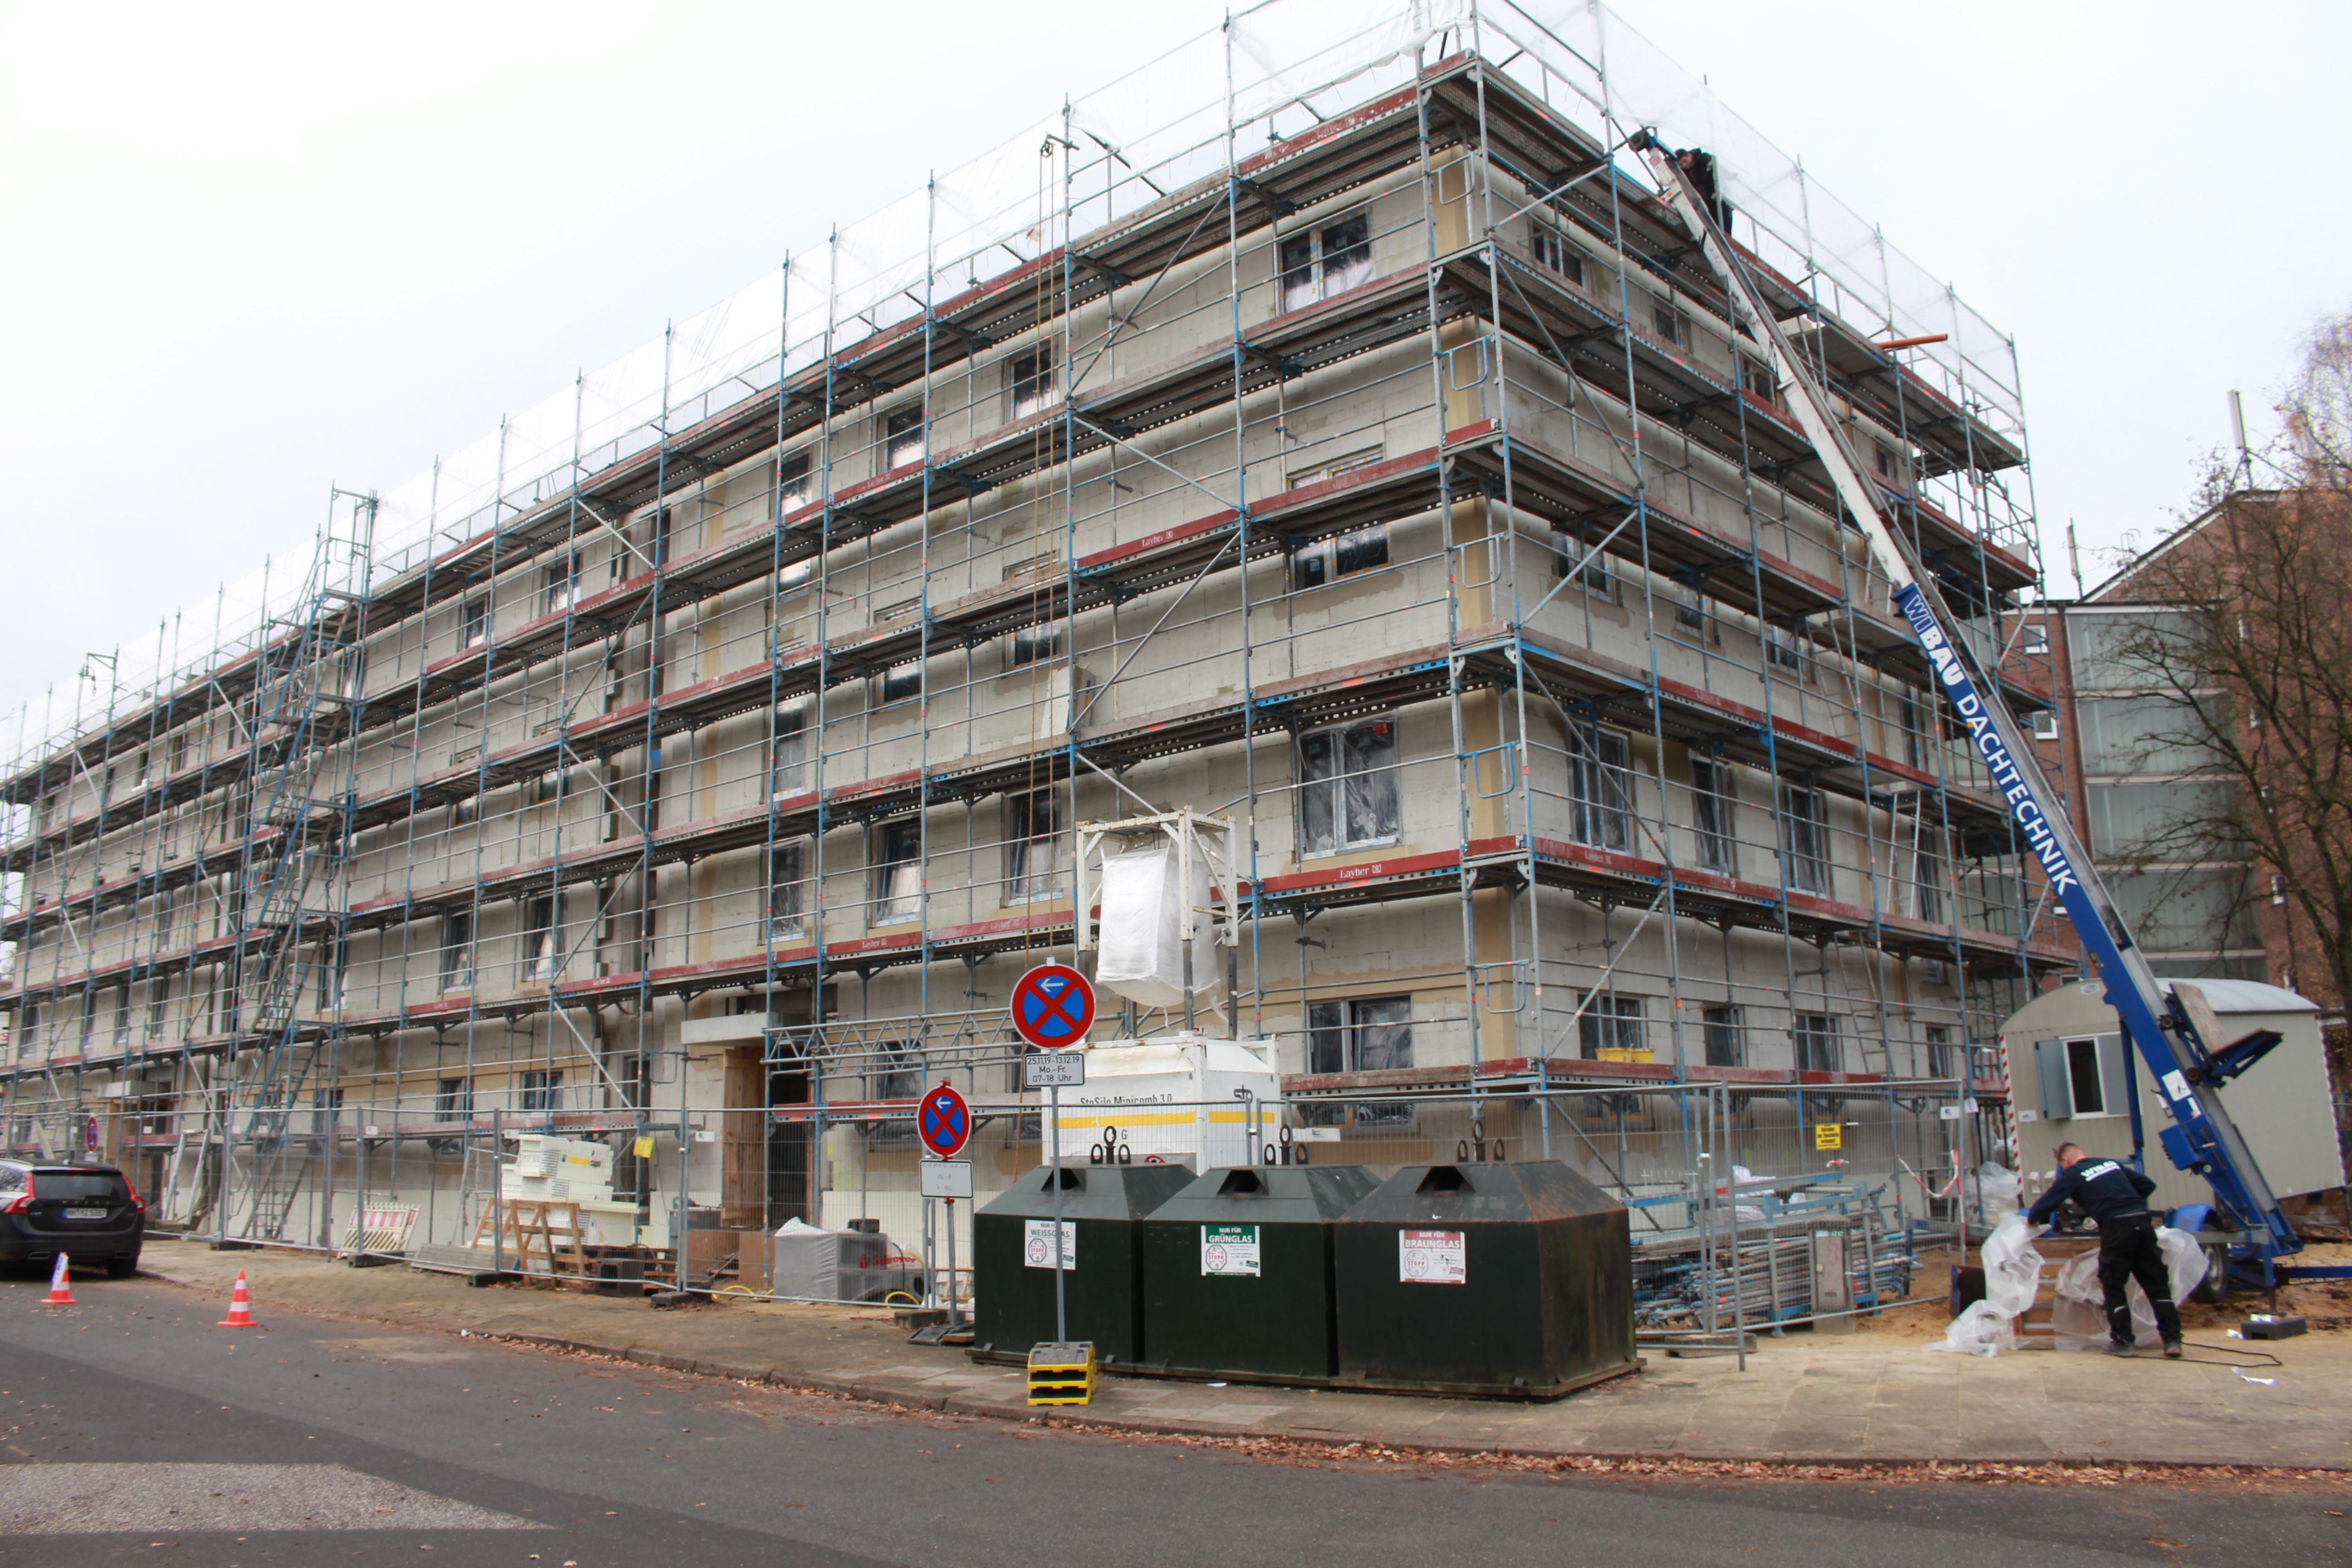 pm -Der Neubau am Haanbalken wird im 3. Quartal 2020 fertiggestellt